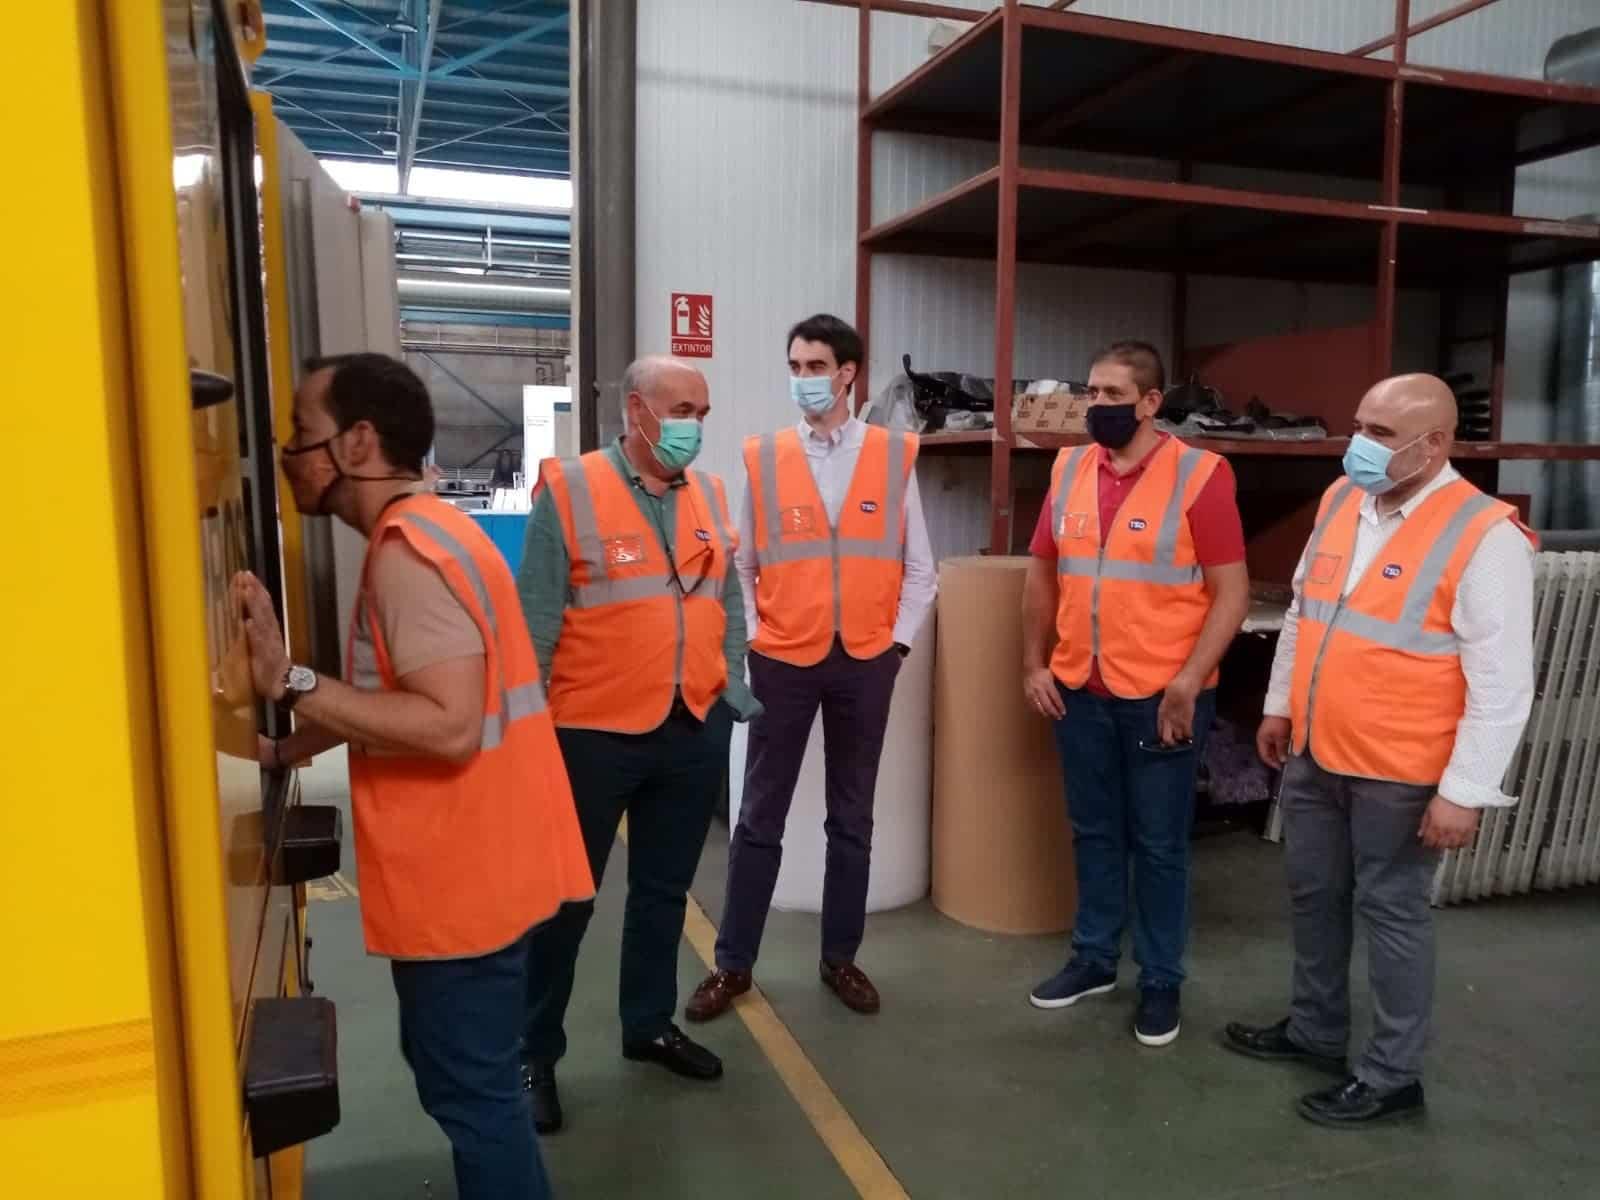 Visita de Alcalde a las instalaciones de TSD Technology & Security Developments 9